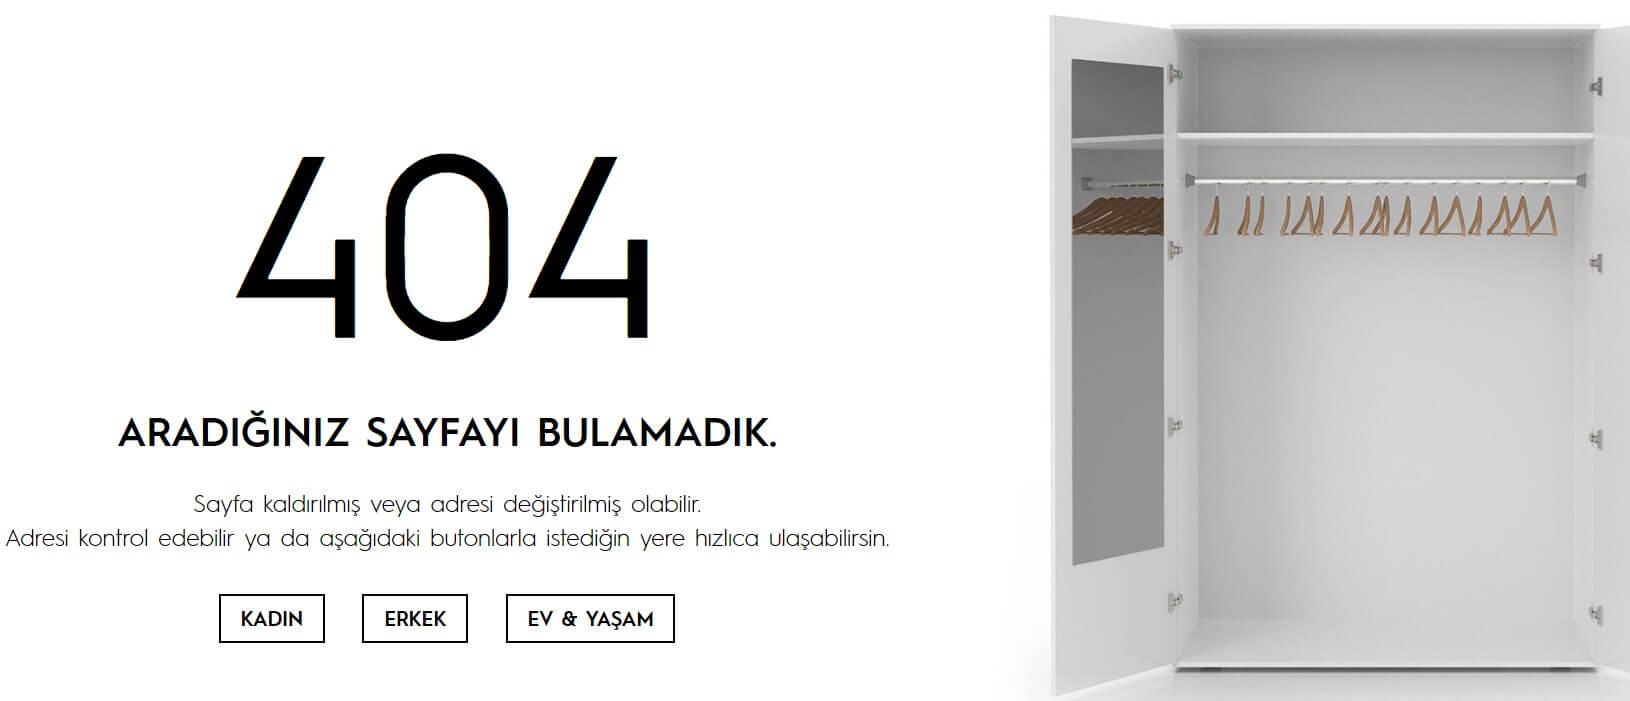 lidyana-404